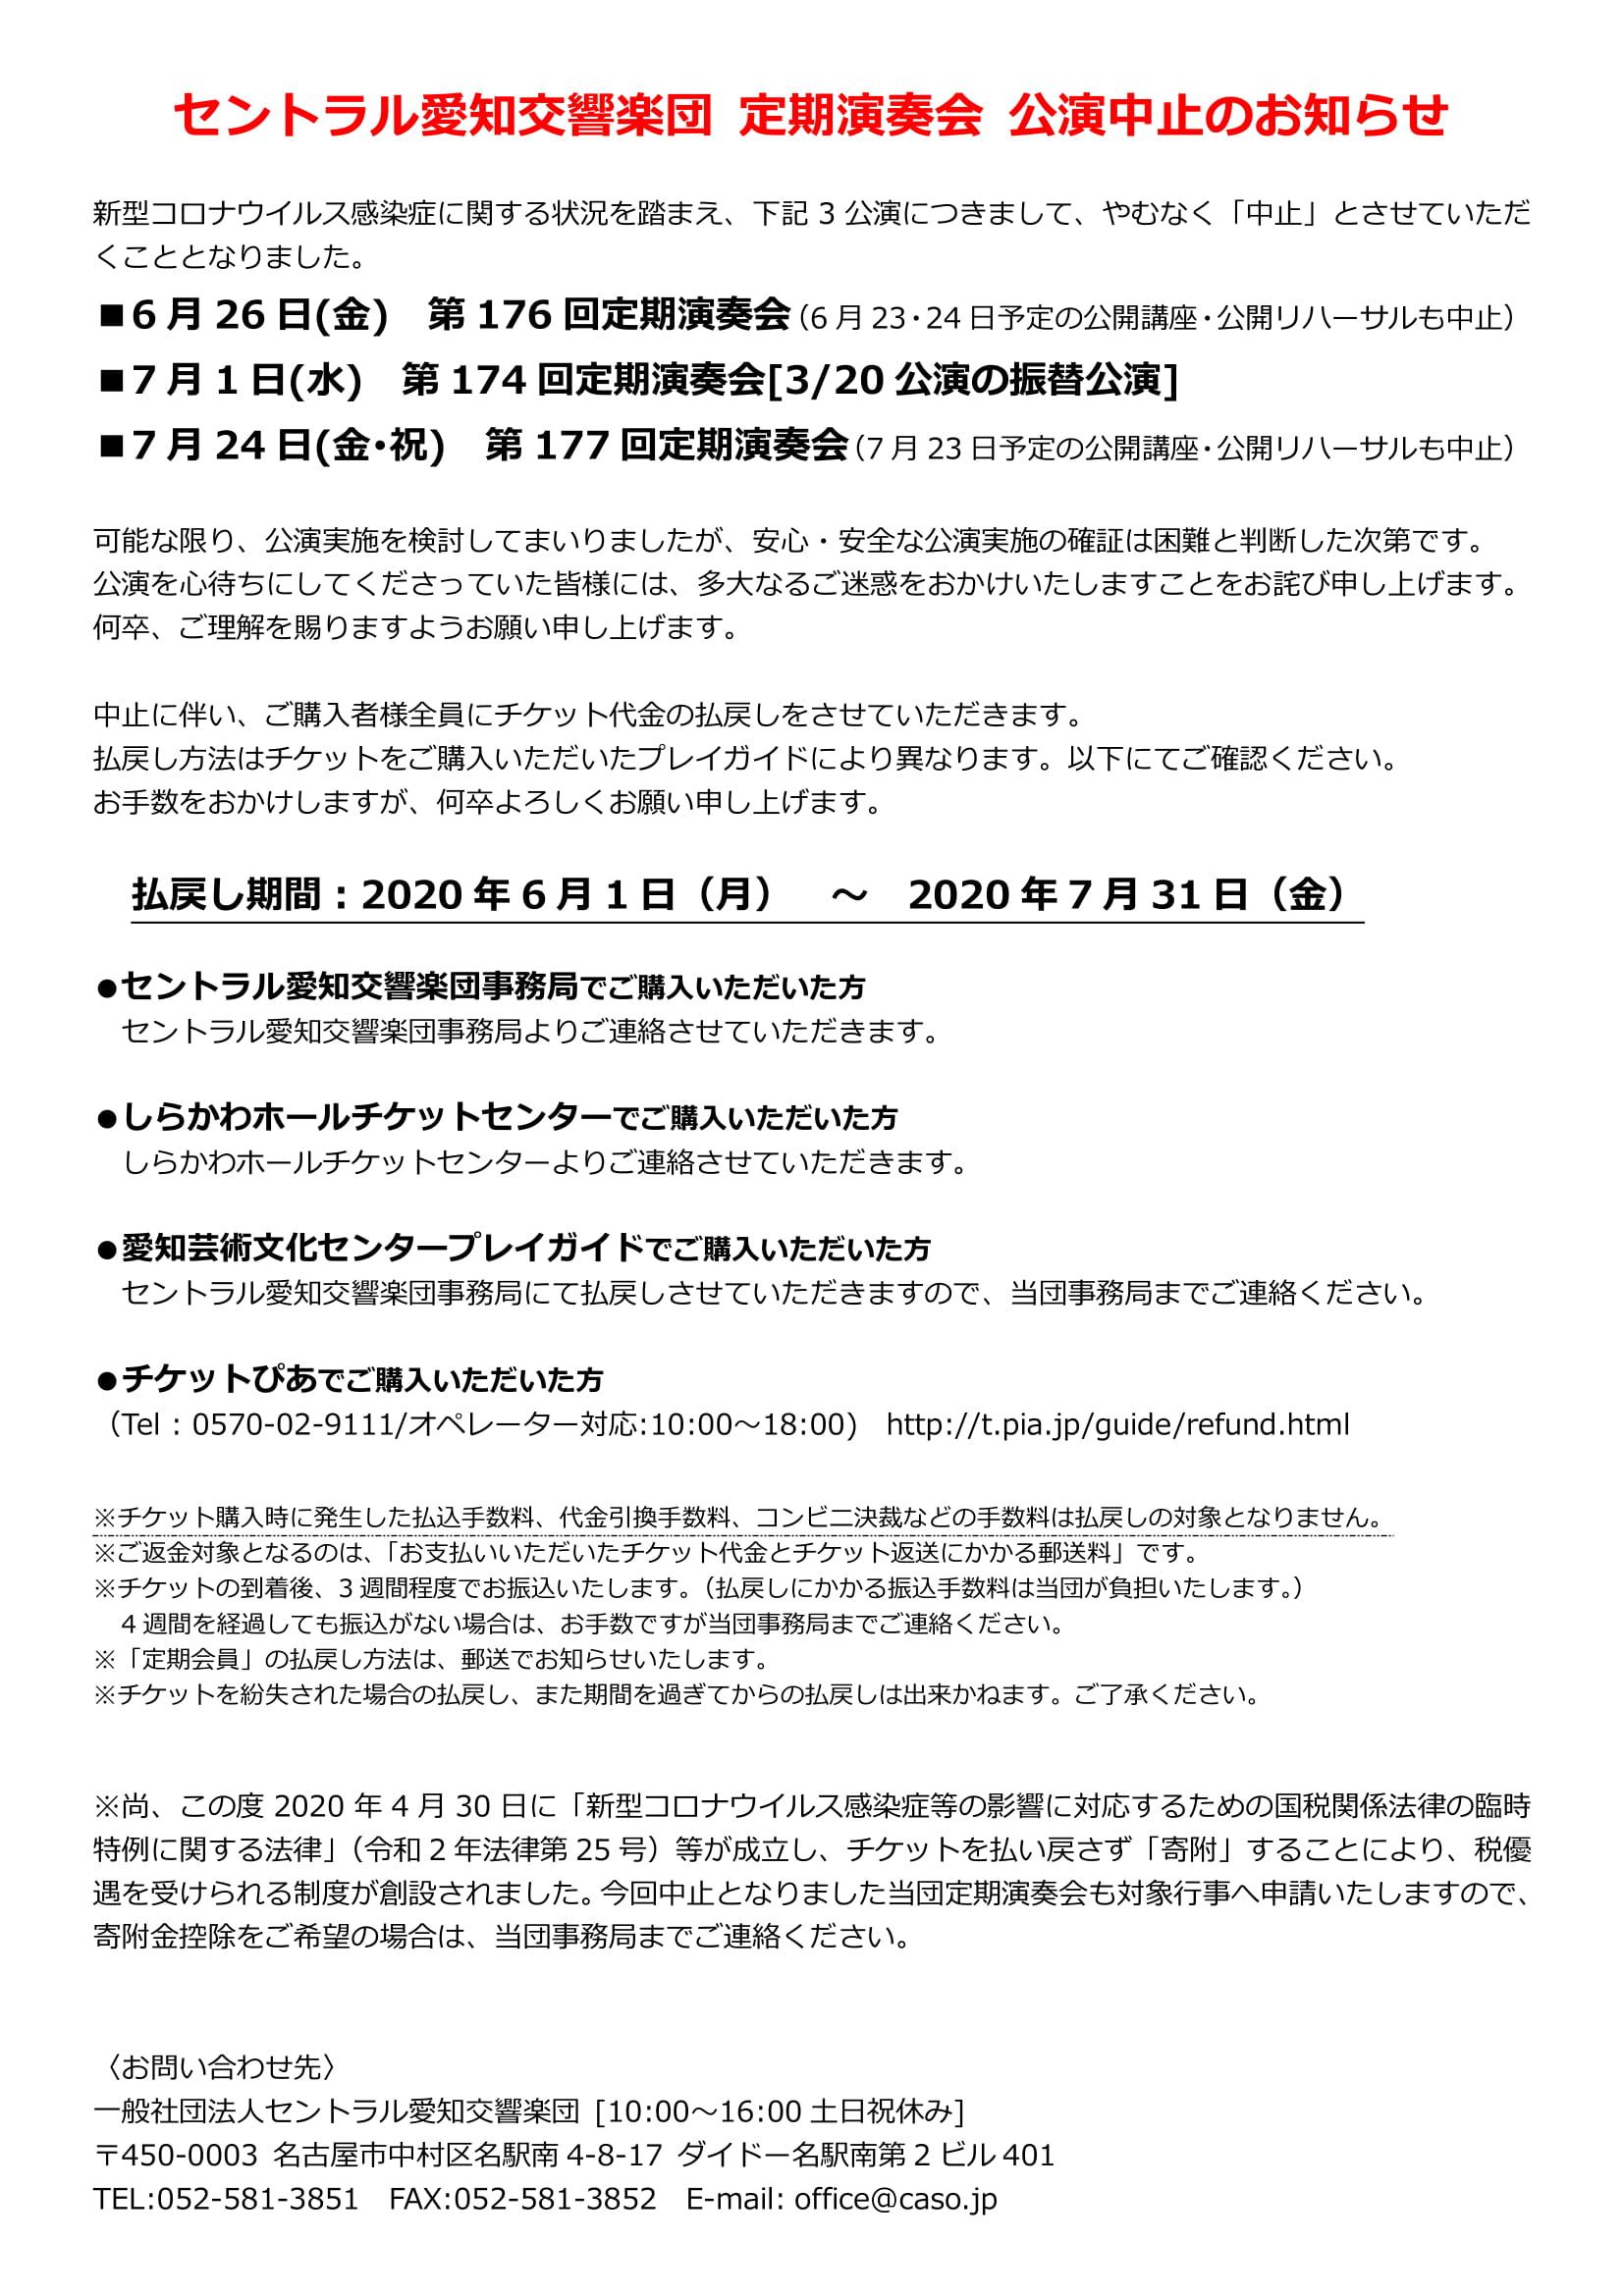 【公演中止】第177回定期演奏会